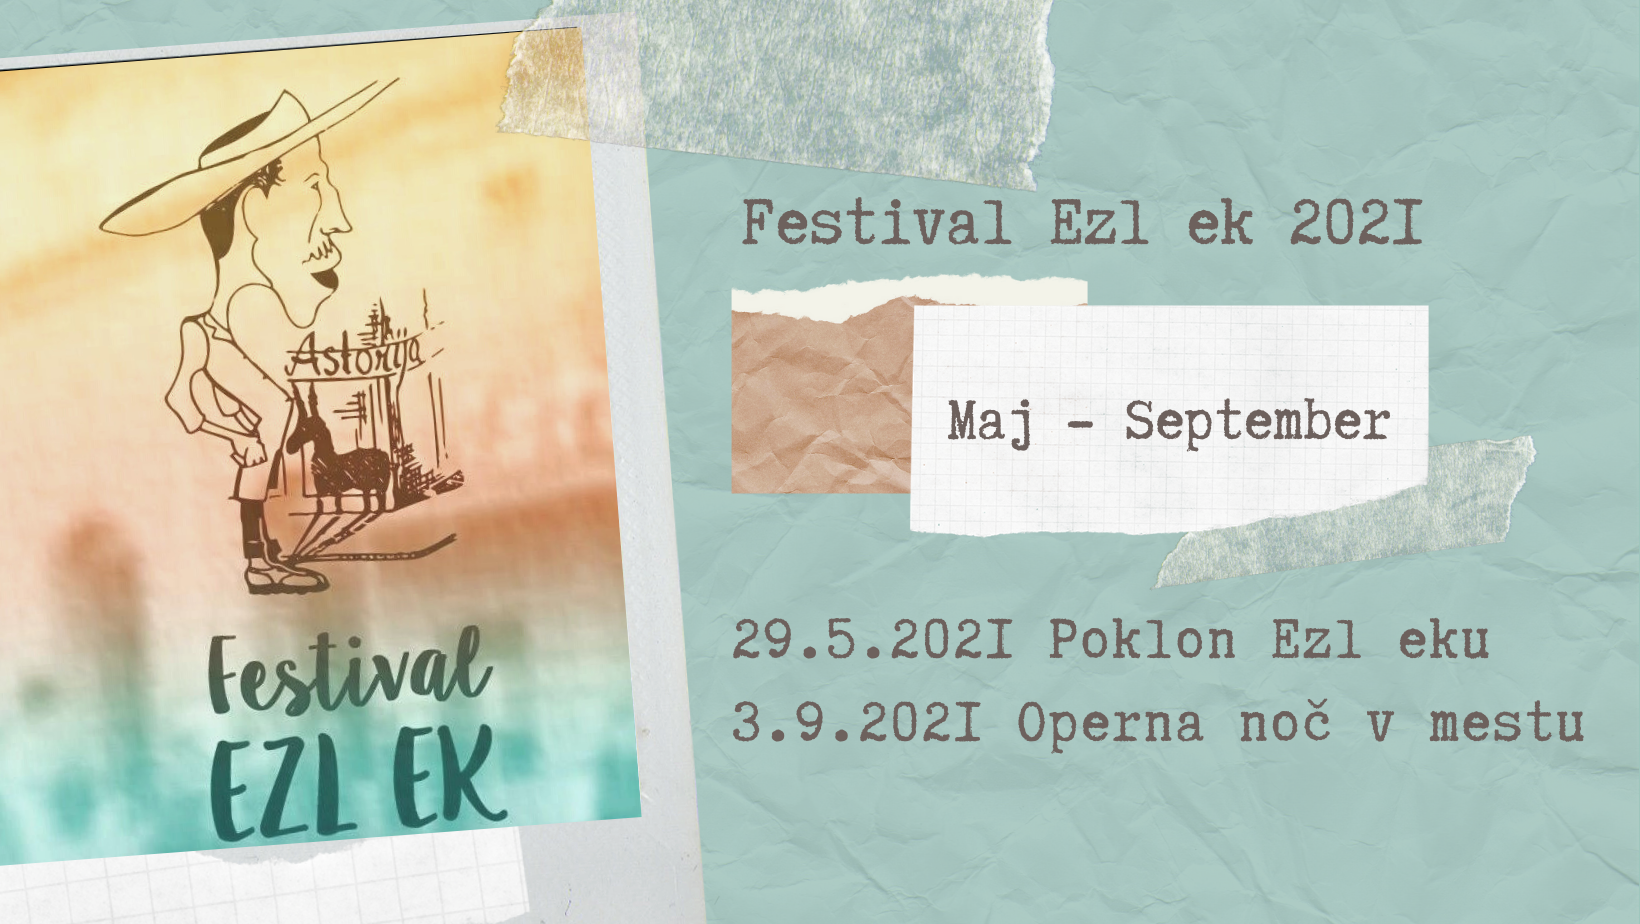 Festival Ezl ek 2021